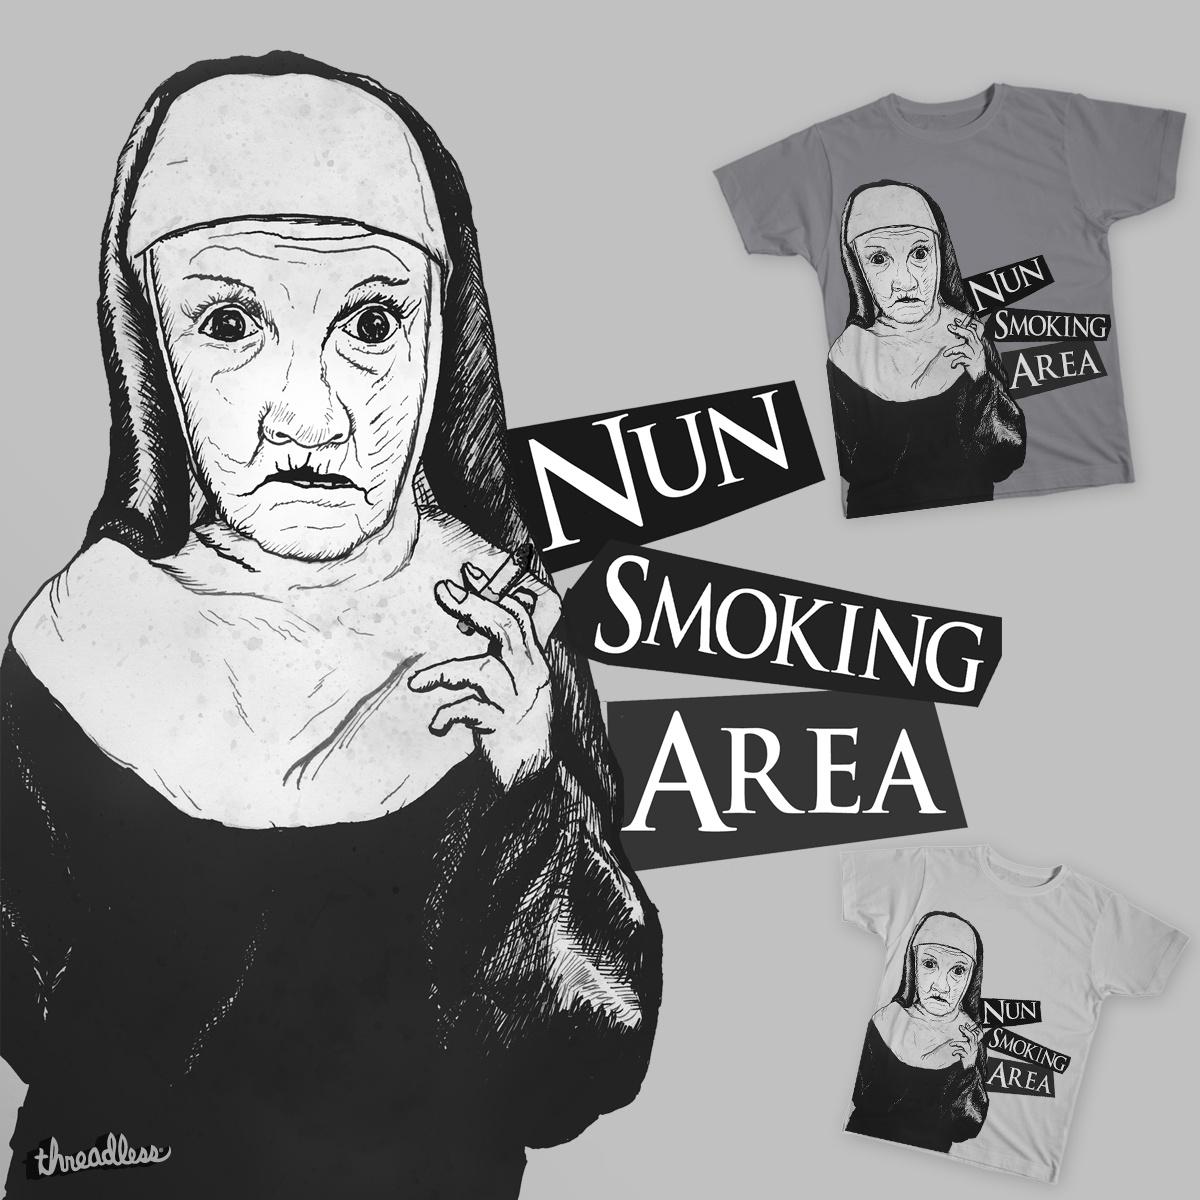 Nun Smoking Area by Kitchendutch on Threadless